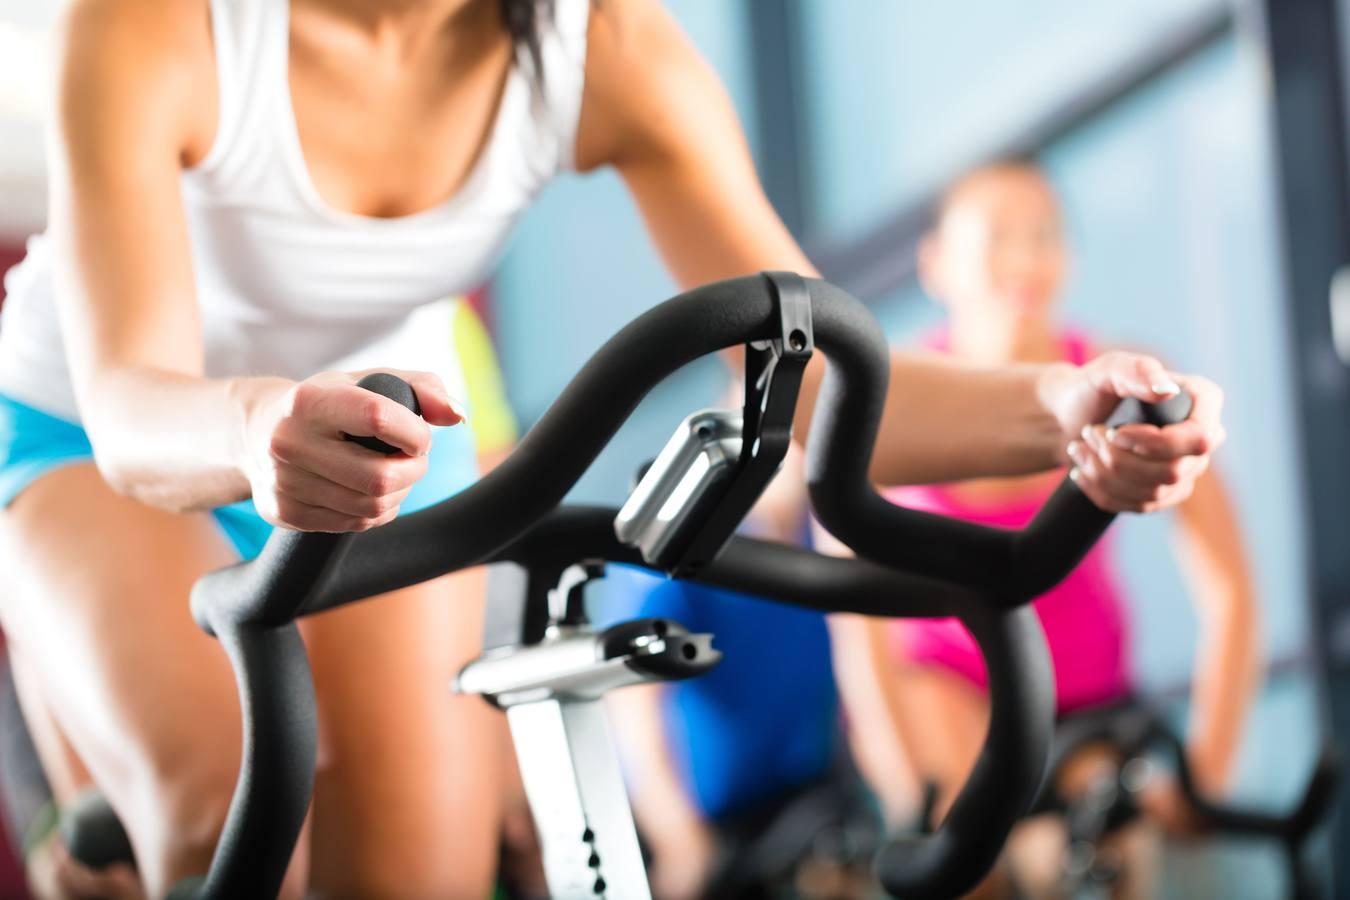 gimnasio 1 - Ideas para motivarte a entrenar